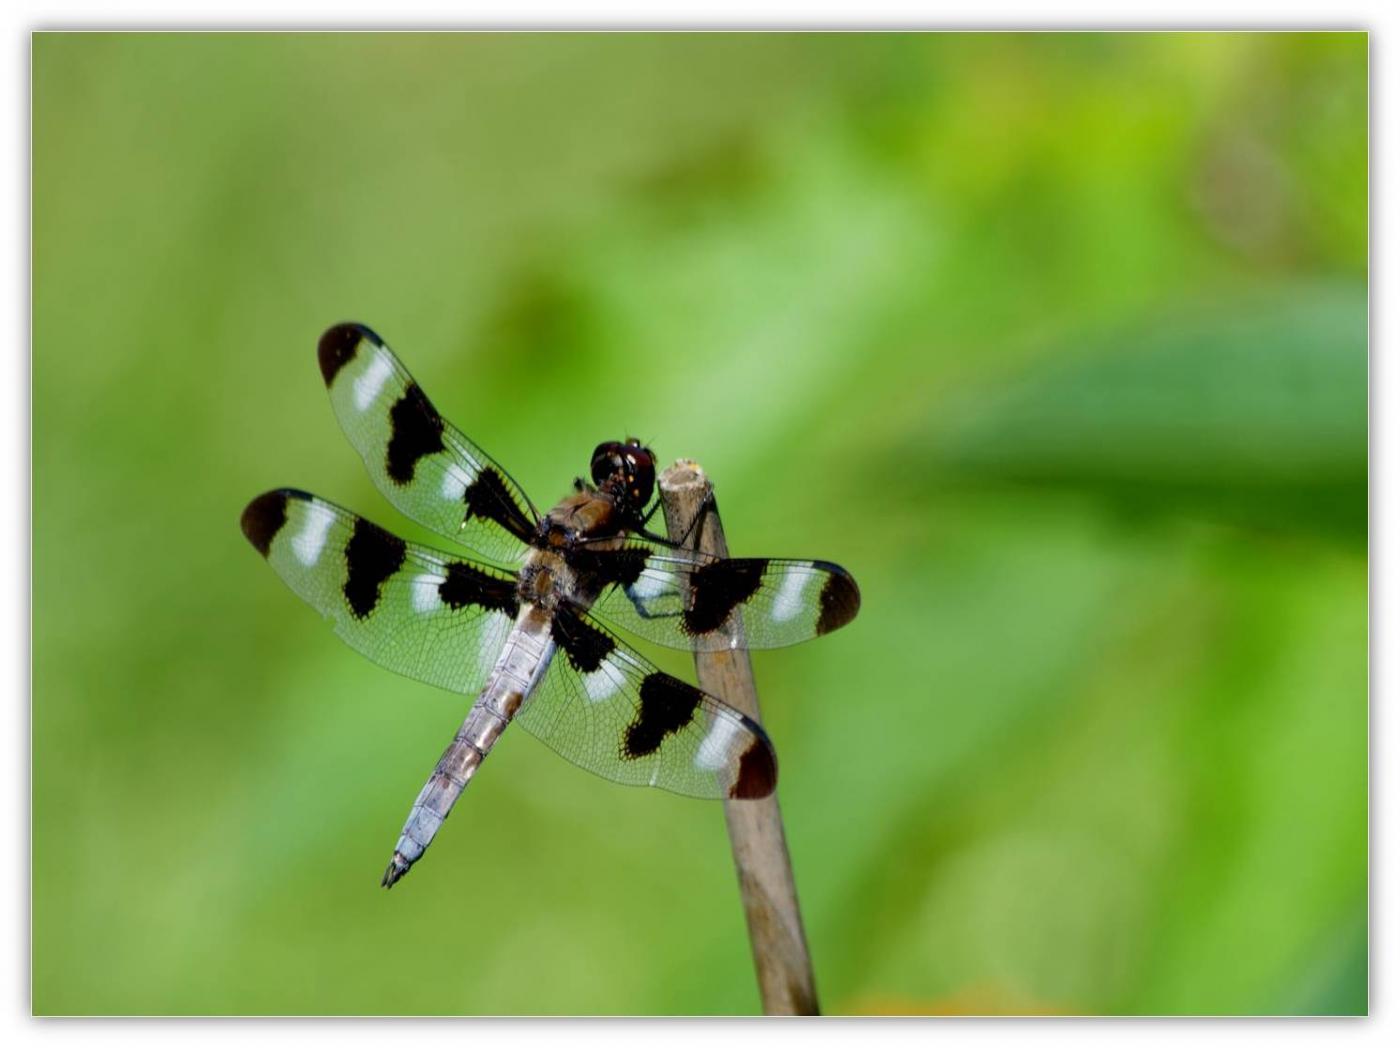 夏日蜻蜓多